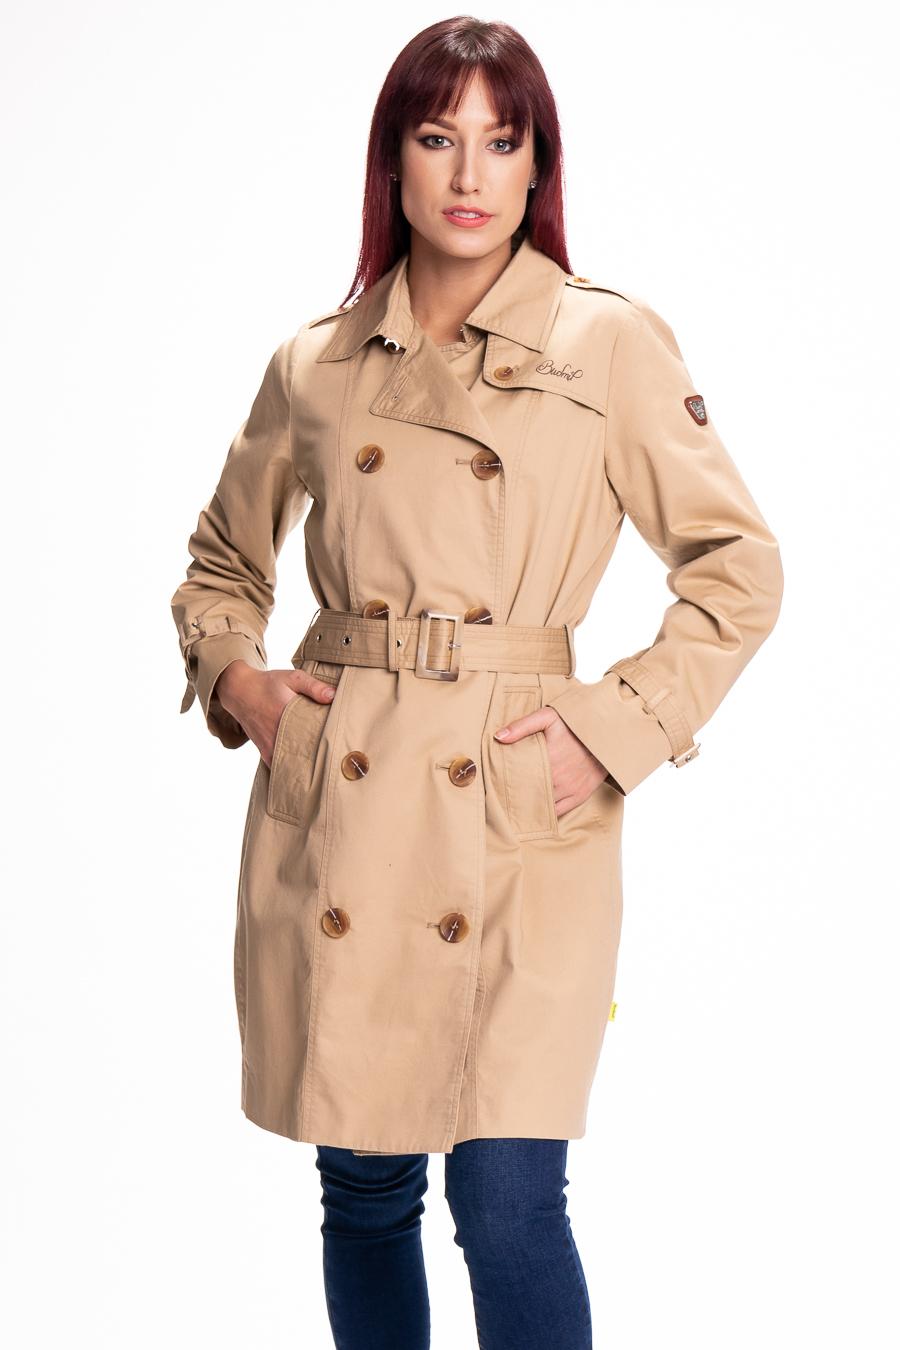 Női átmeneti kabát bézs Divatos Viselet Női átmeneti kabát